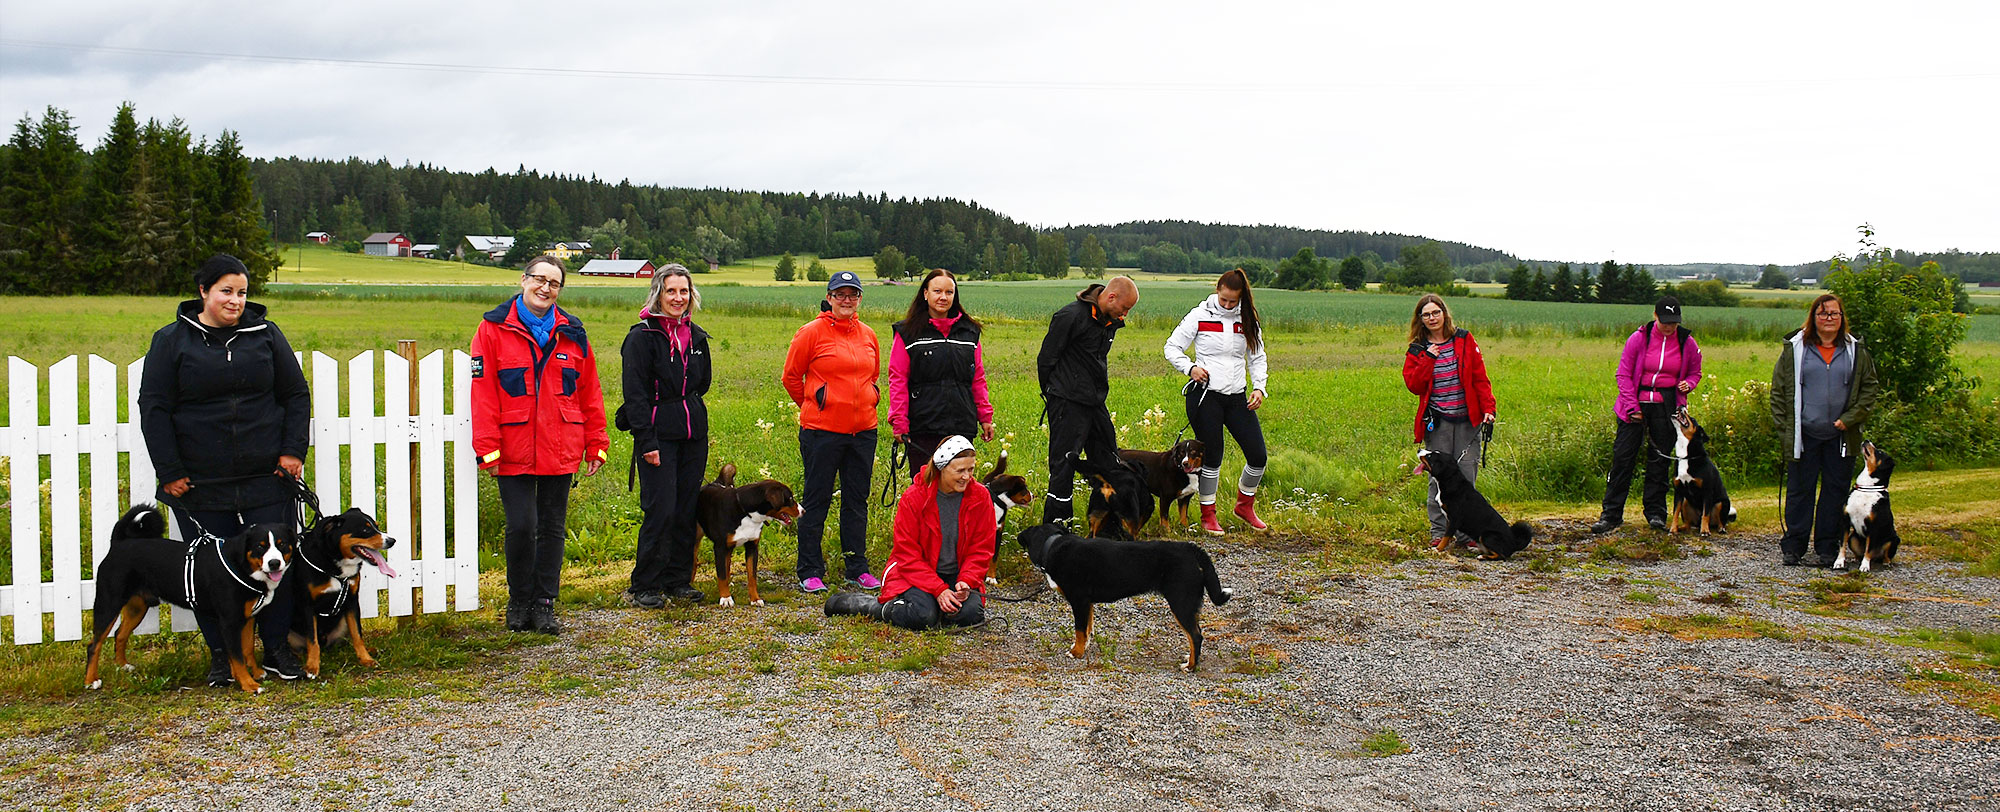 Appenzellertreffen in Finnland: Es war gar nicht so einfach, so viele Hunde und Menschen auf ein Bild zu bringen.